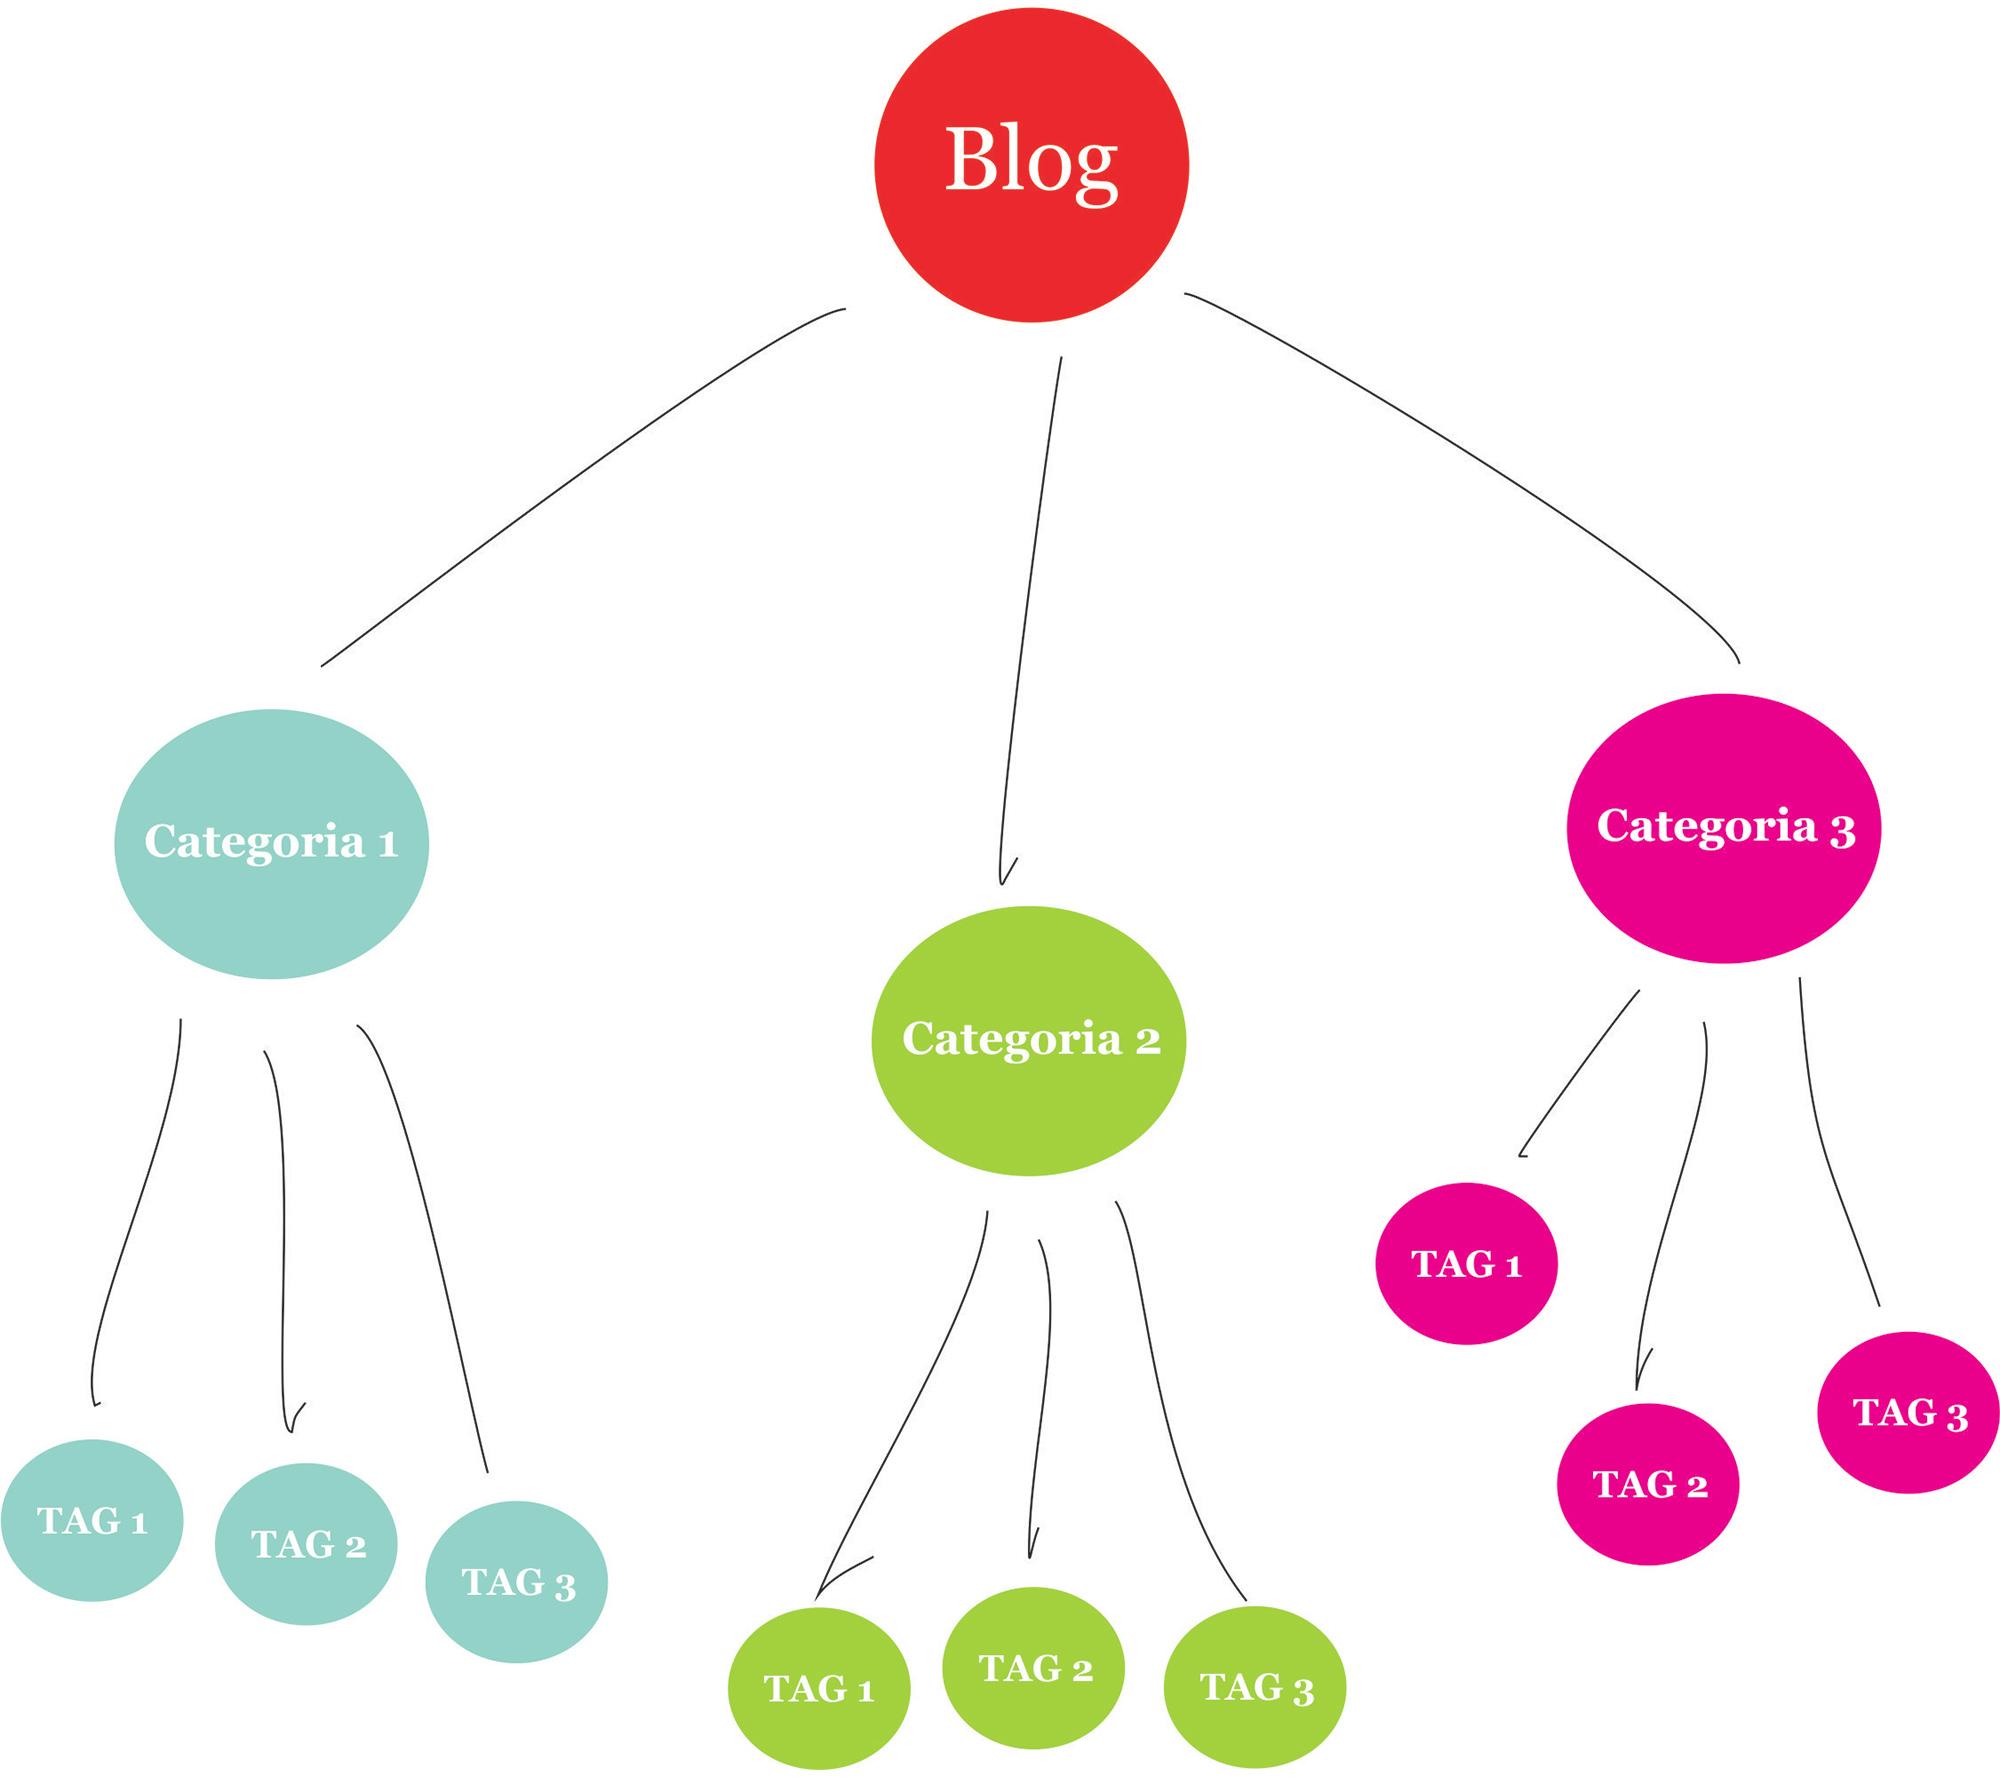 Mappa mentale categorie e tag WordPress